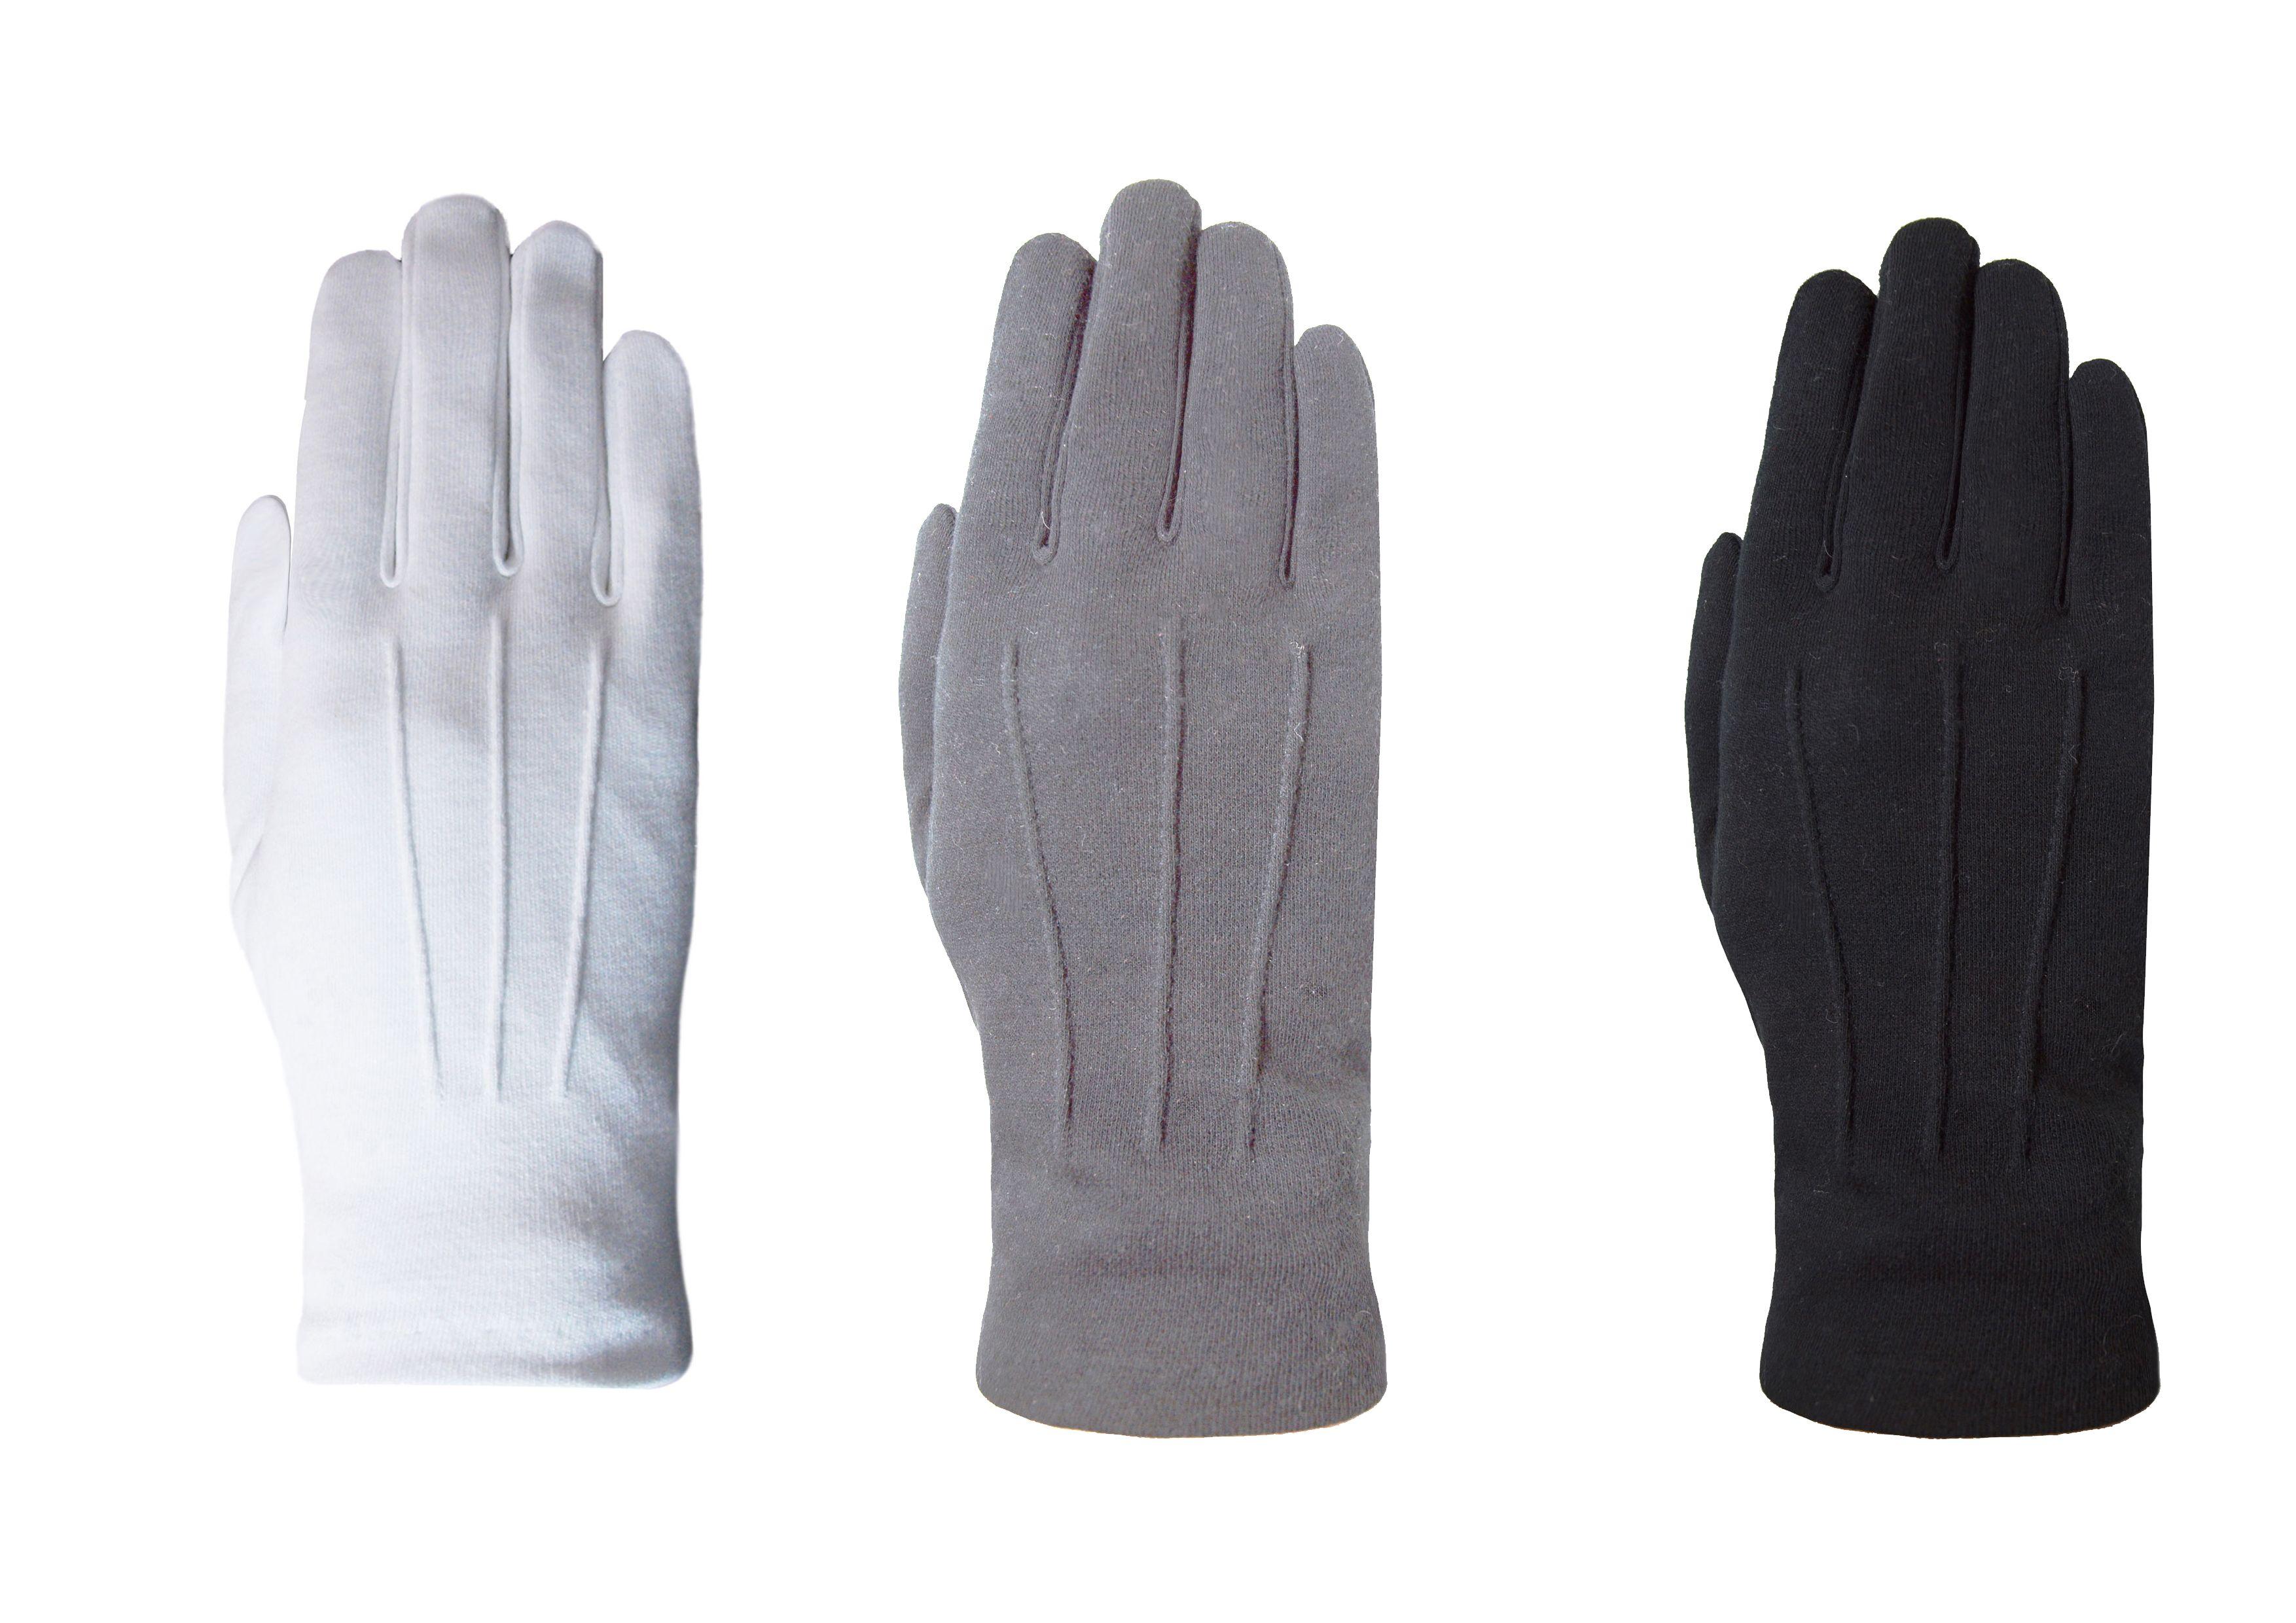 Gala handschoenen van het merk Laimböck. Mogelijk te dragen bij rokkostuum of jacquet